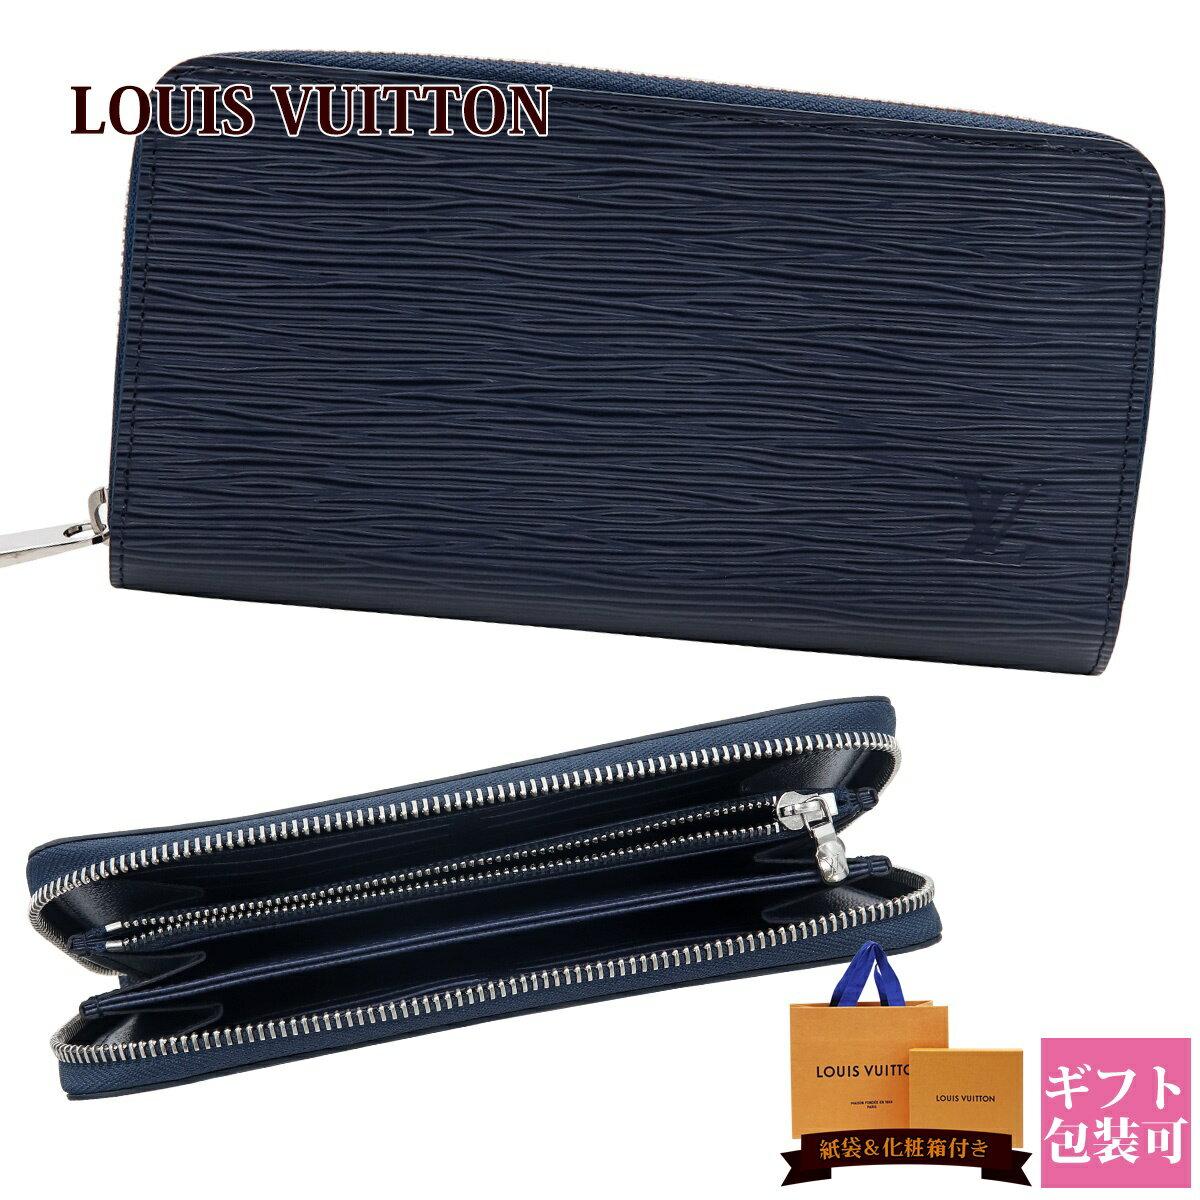 ルイヴィトン 財布 長財布 LOUISVUITTON 新品 小銭入れあり メンズ レディース ラウンドファスナー エピ ジッピー・ウォレット アンディゴブルー M61873 正規品 セールブランド 新作 2019年 ホワイトデー ギフト 春財布